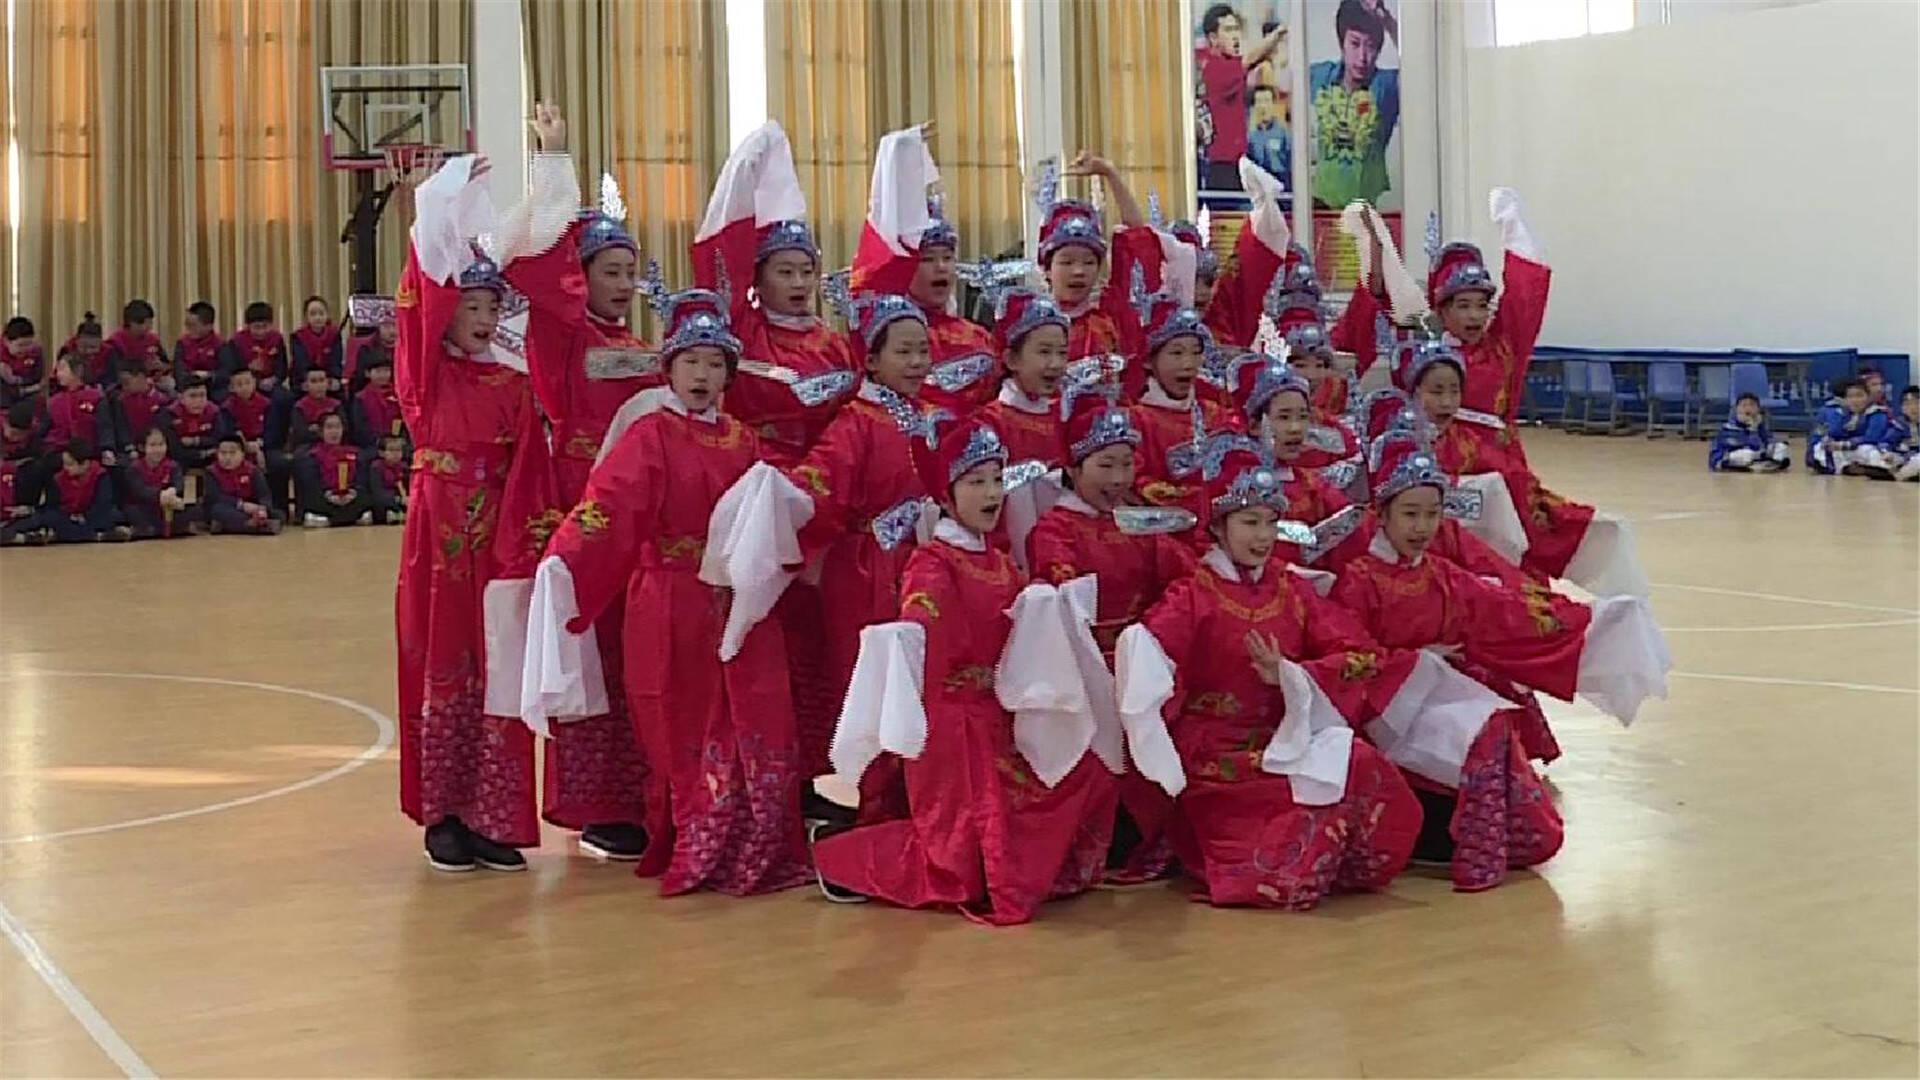 66秒丨戏曲、剪纸、书法……东营中学生用传统文化迎新年